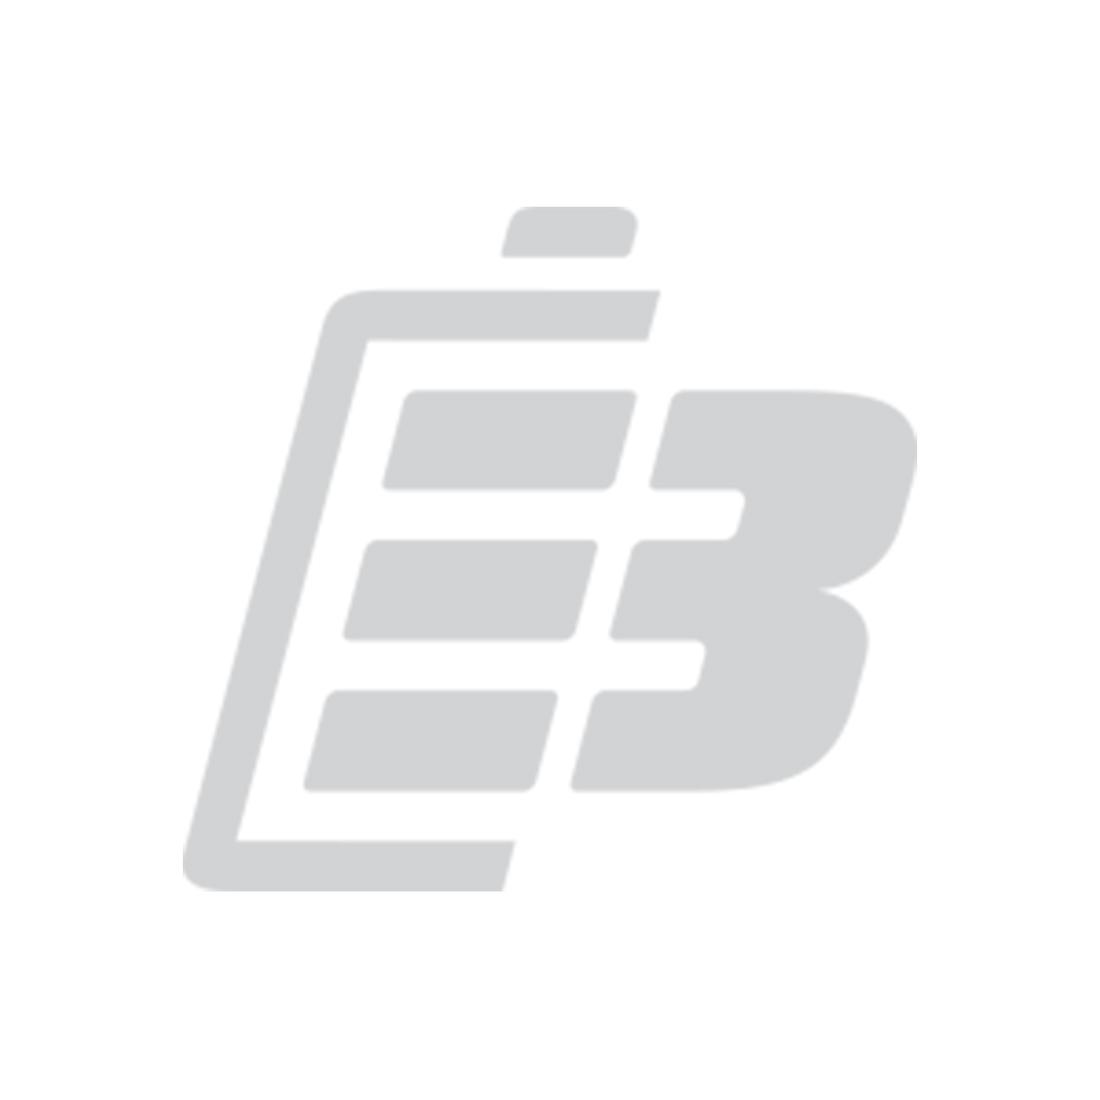 Camcorder battery Toshiba Camileo X200_1